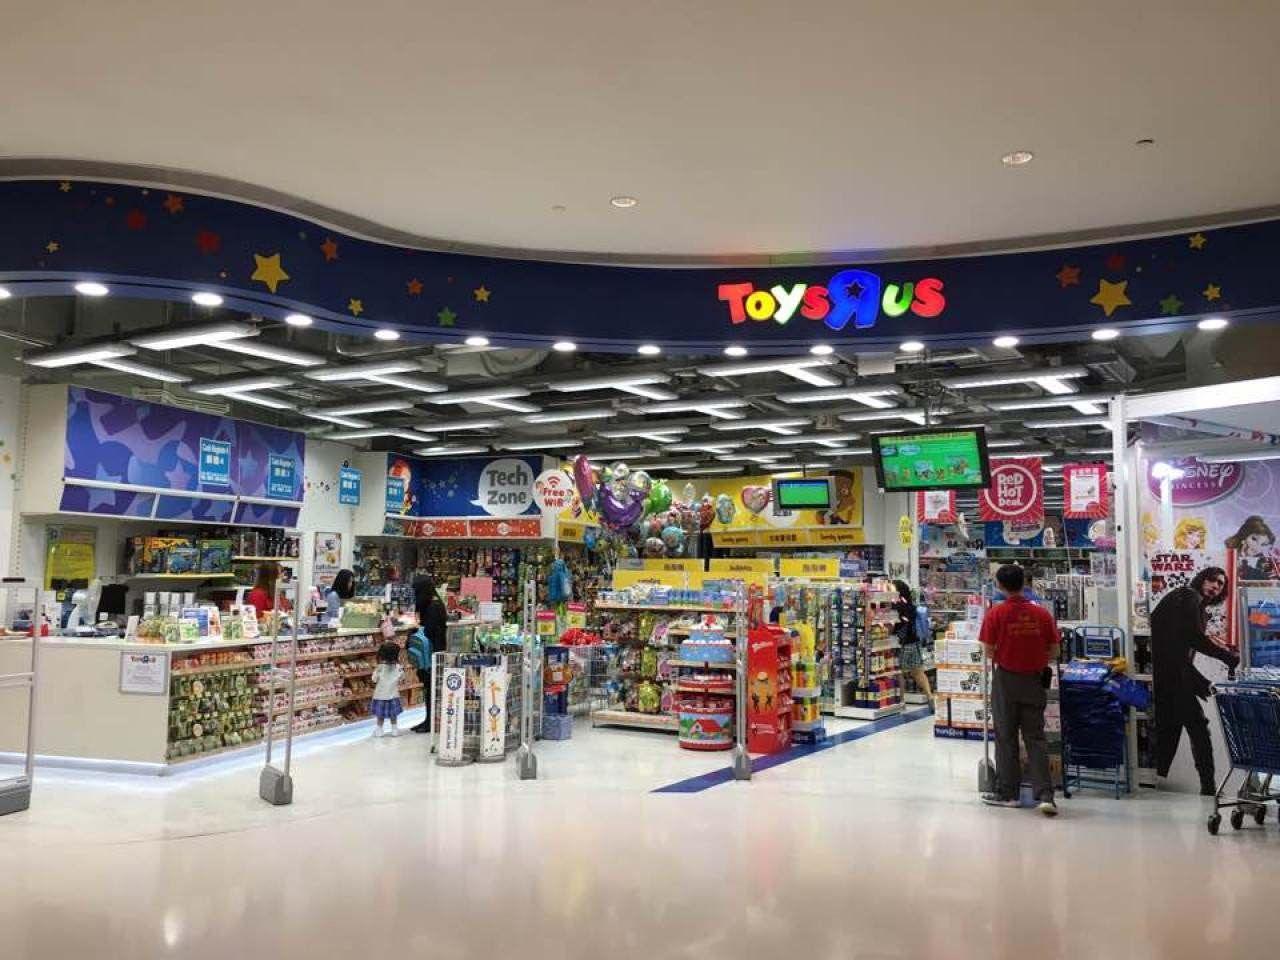 美國玩具反斗城申破產 港供應商偉易達:銷售獲信貸保險保證|香港01|財經快訊